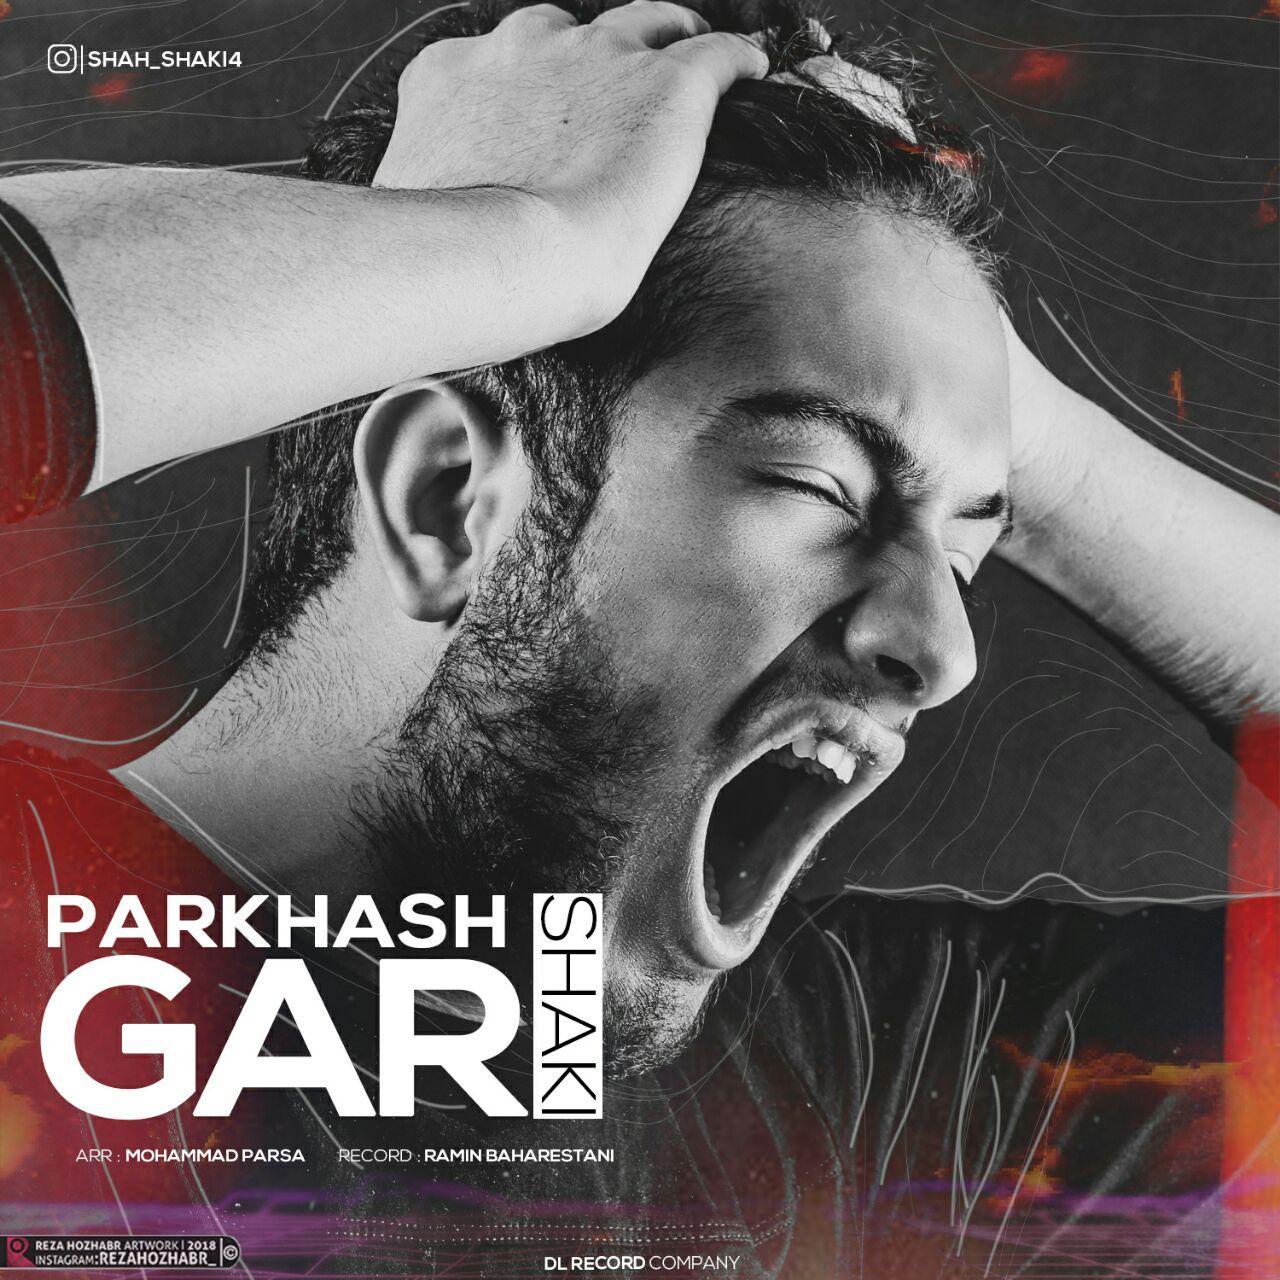 Shaki – Parkhashgar